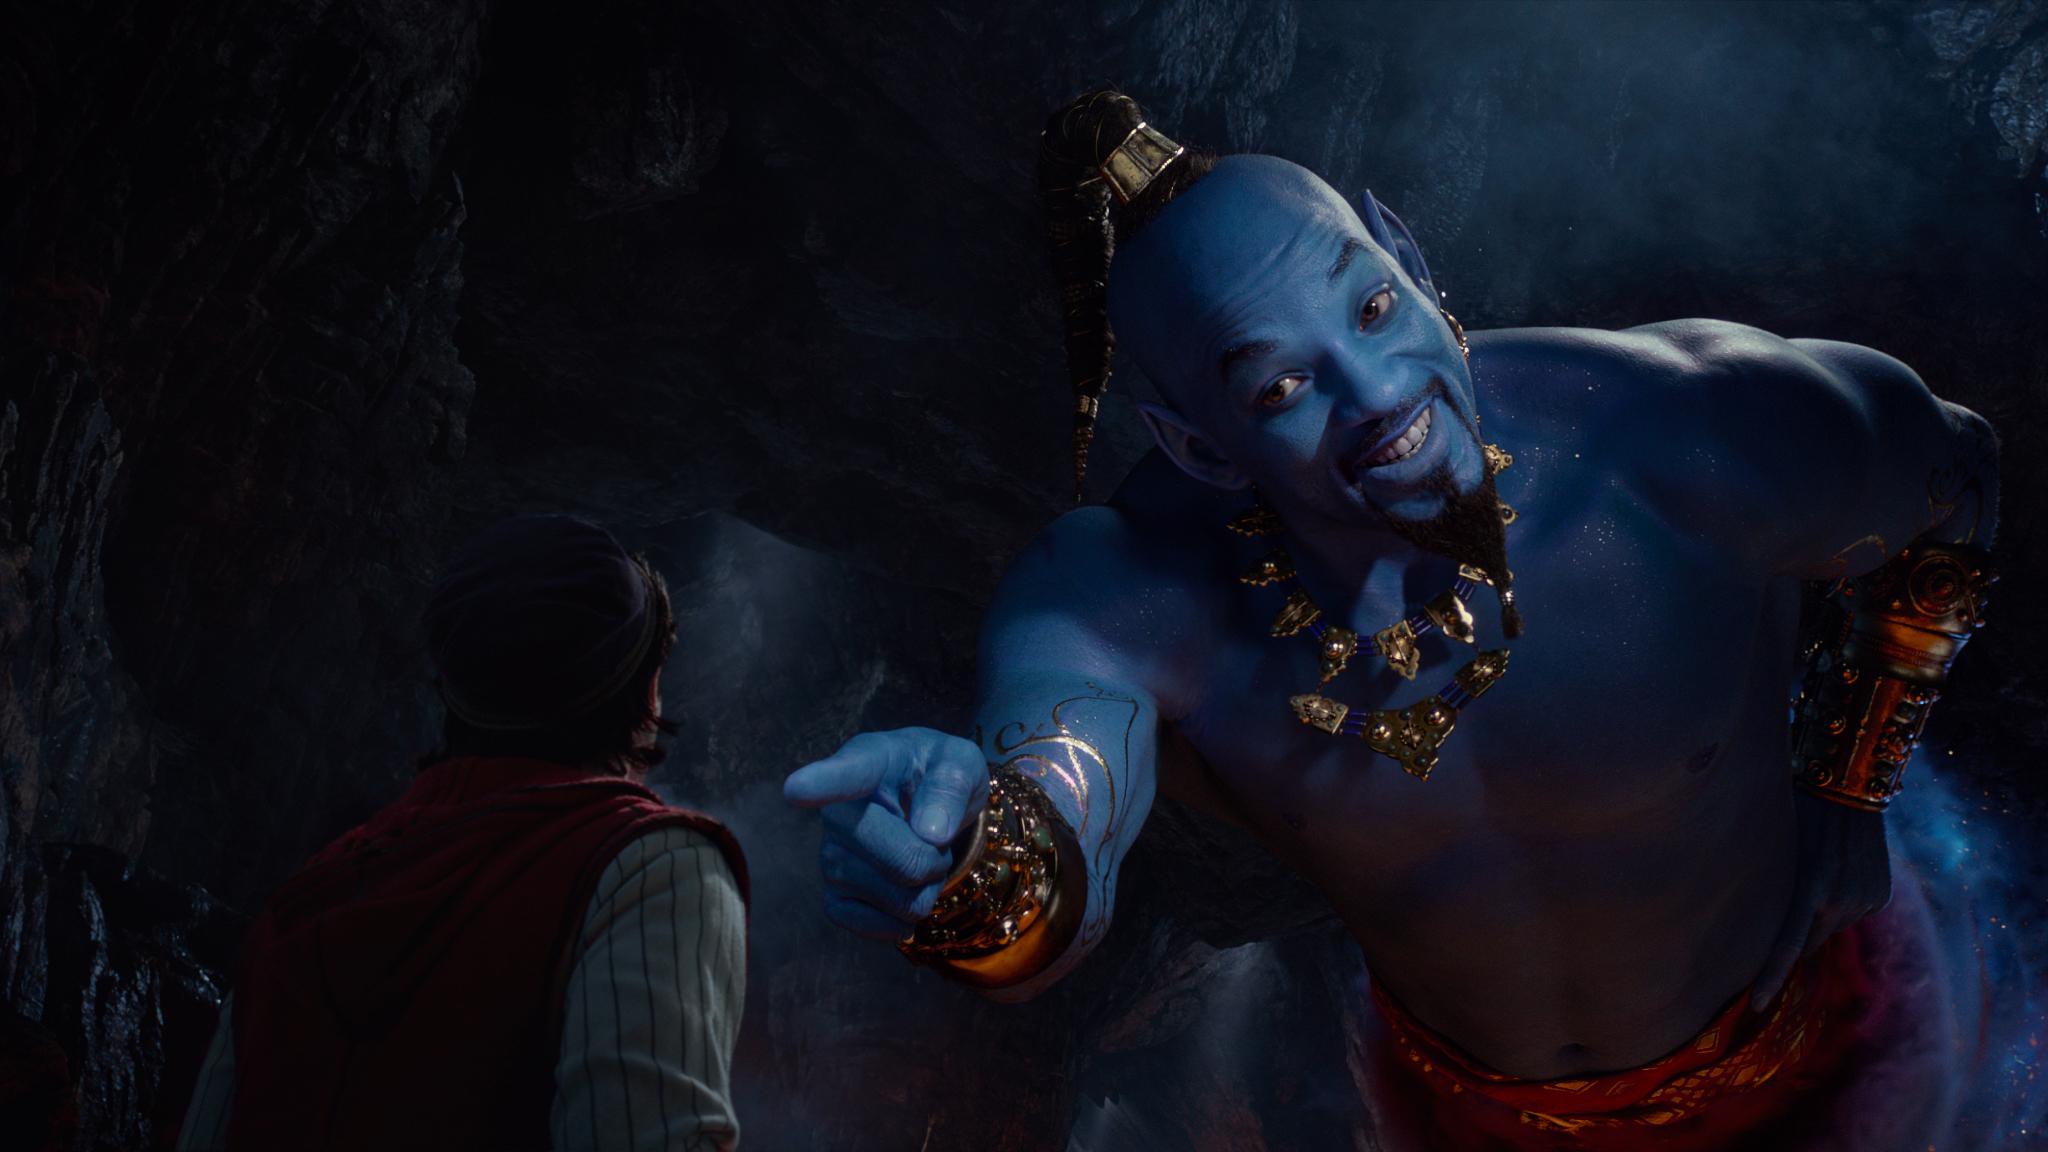 2048x2048 Will Smith as Genie In Aladdin Movie 2019 Ipad Air 2048x1152